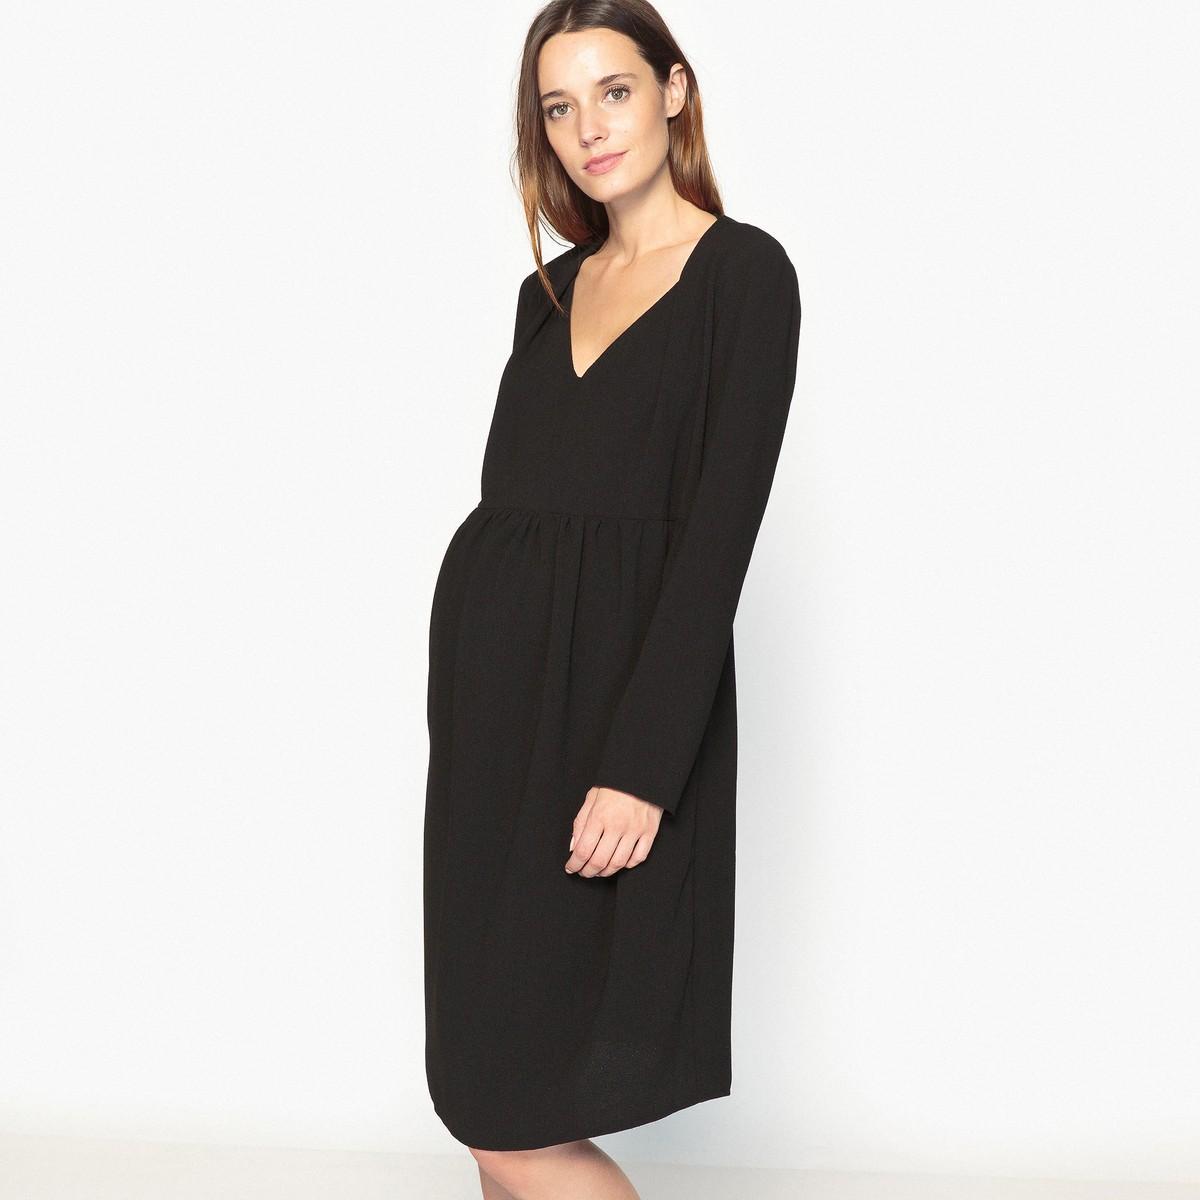 6a6a0ea08217492 Платья R Essentiel купить онлайн в интернет магазине - официальный ...